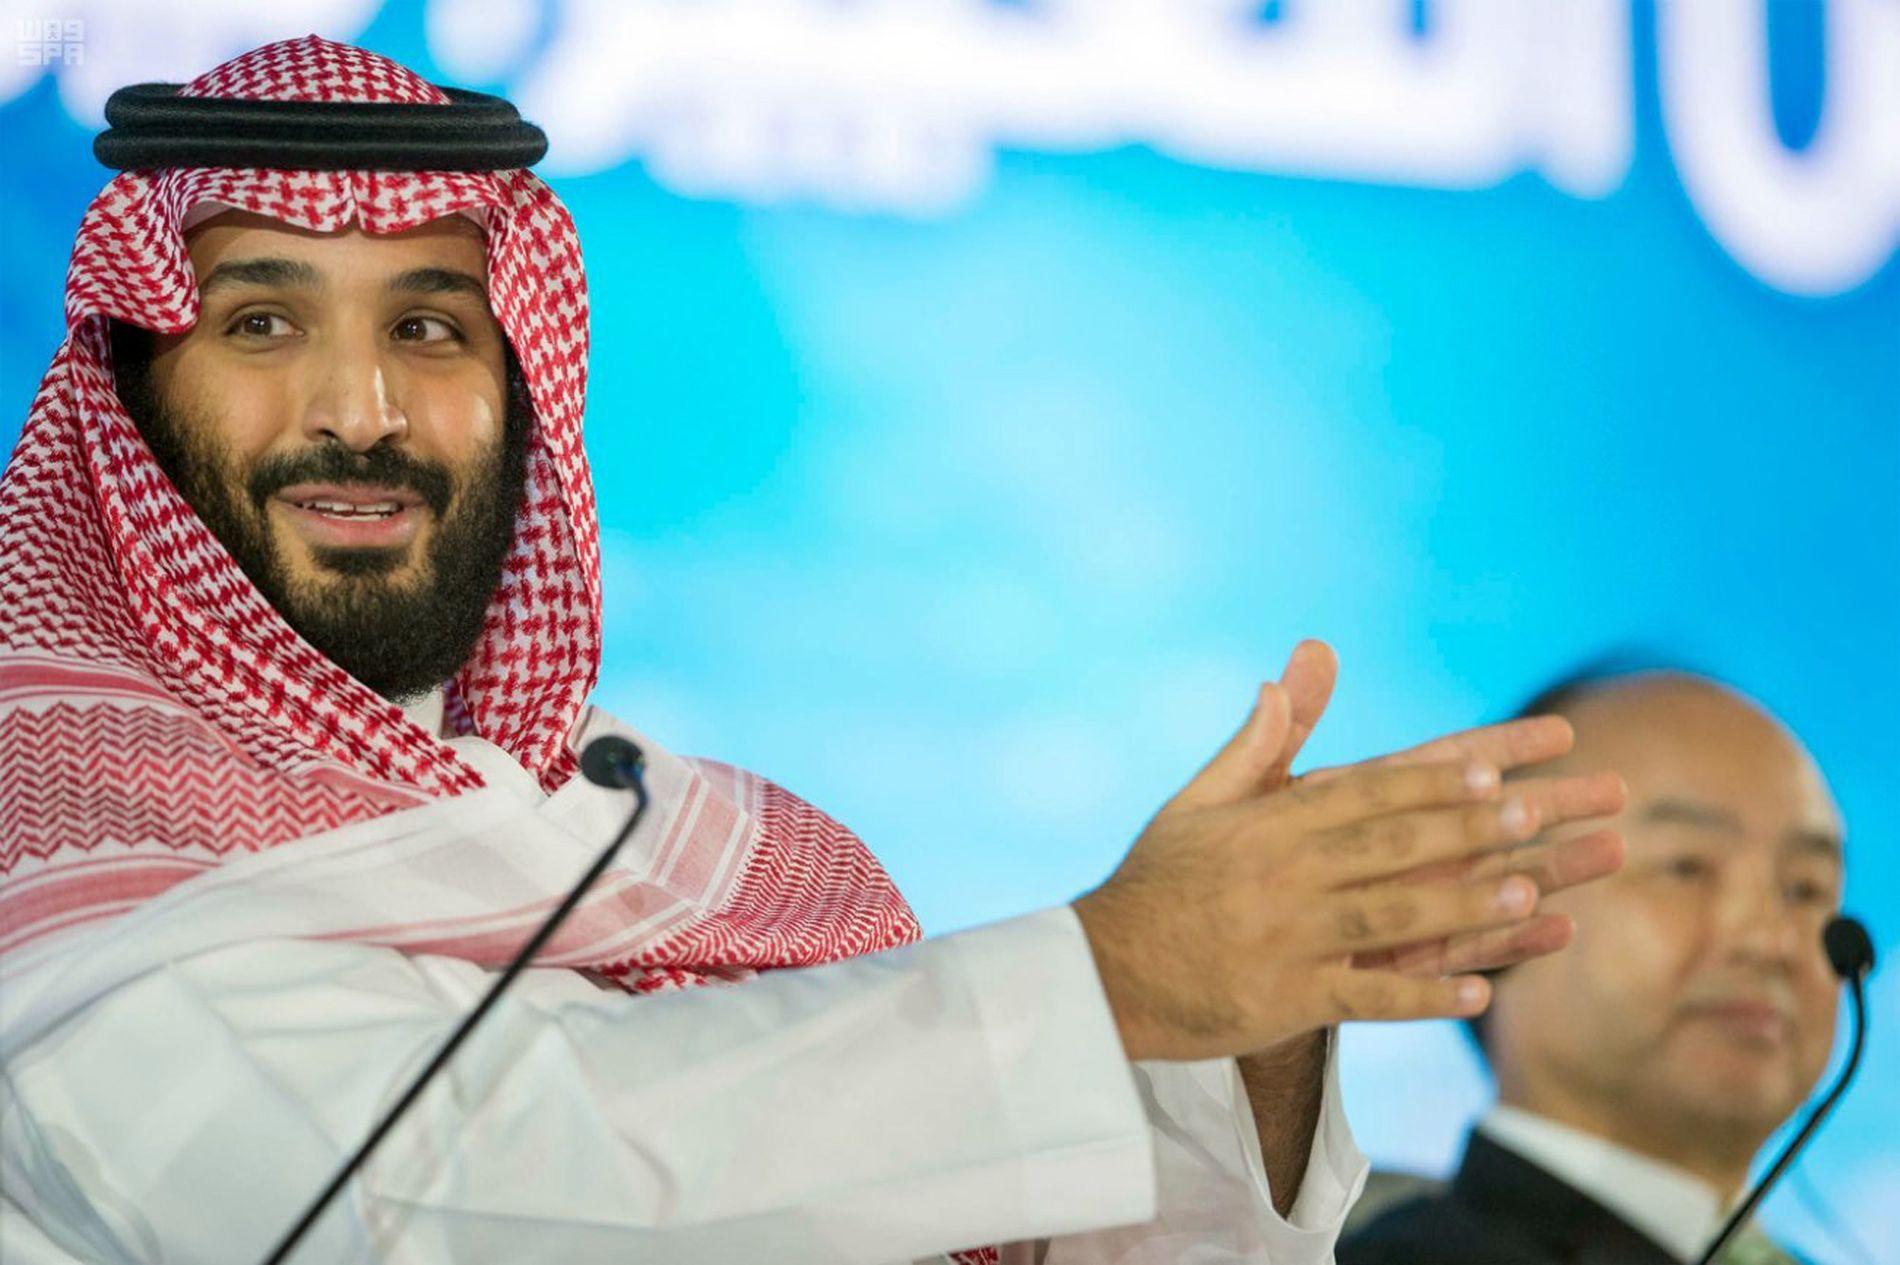 KAOS-PRINSEN: Mohammed bin Salman, Saudi-Arabias kronprins og egentlige politisk arkitekt, rensker ut i rekordfart.